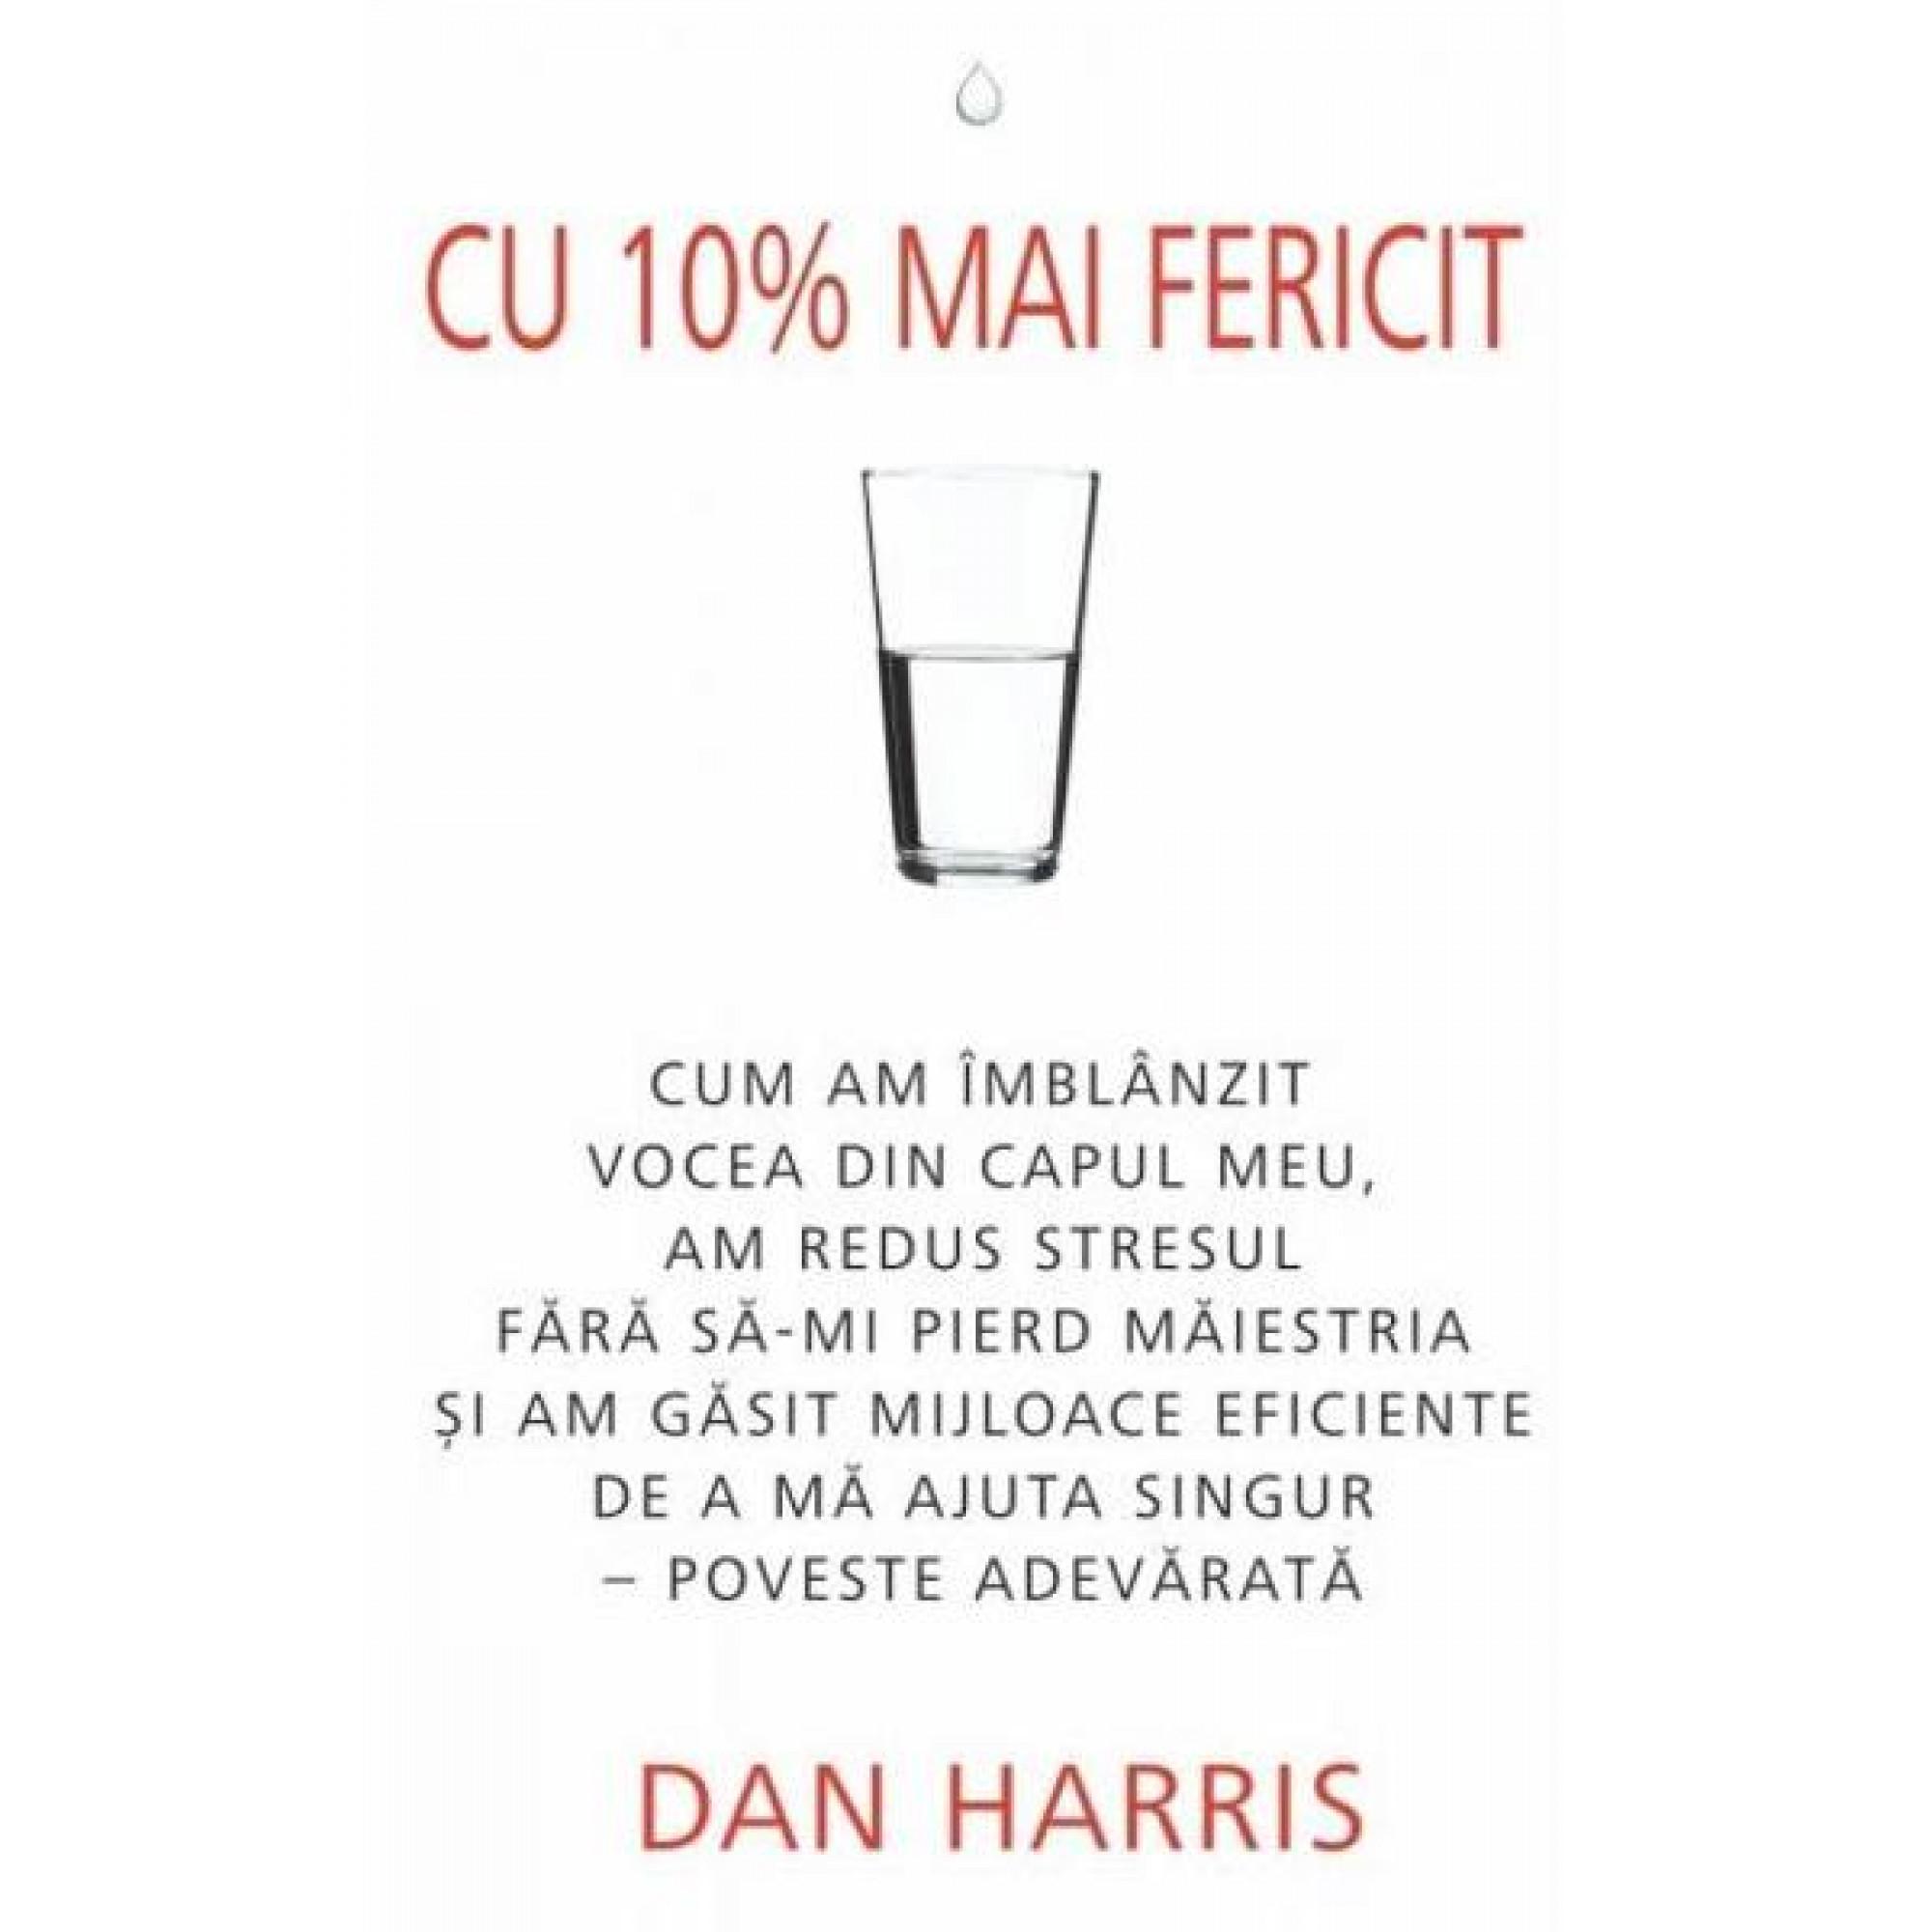 Cu 10% mai fericit